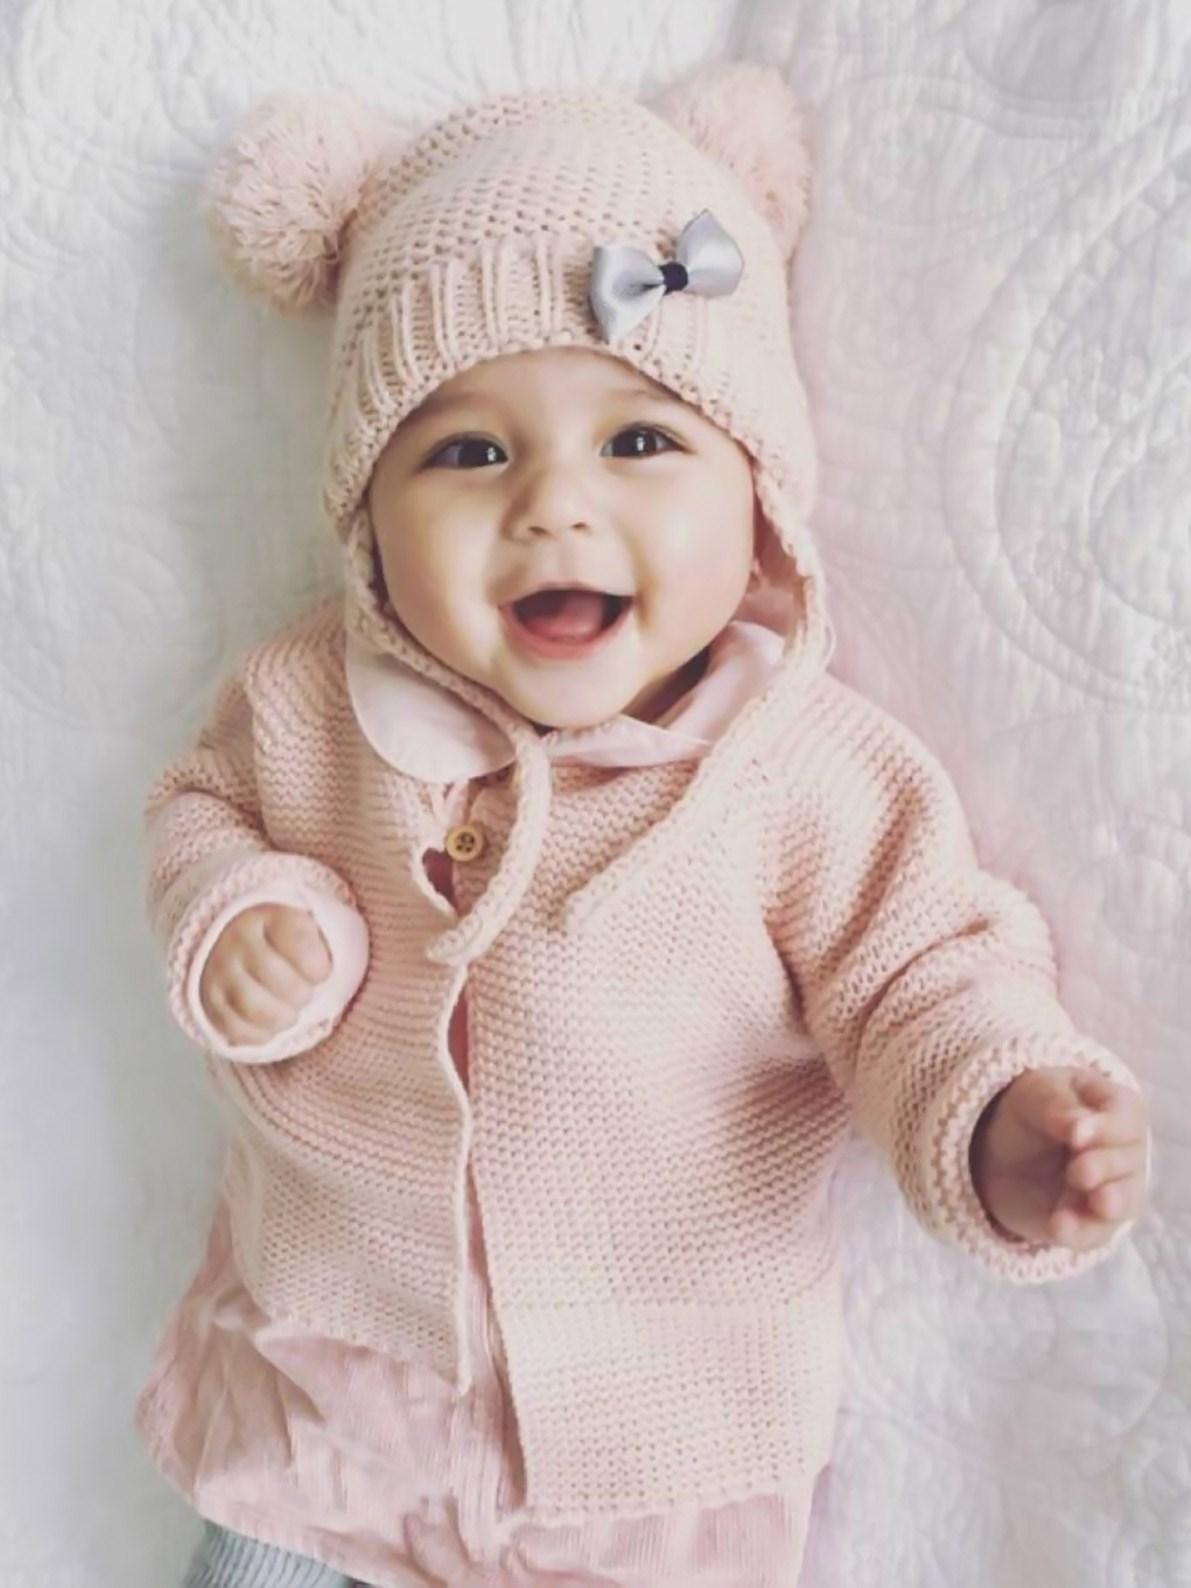 热卖精品女宝宝图片墙贴婴儿照片海报孕妇漂亮女孩大眼睛萌娃萌宝画报